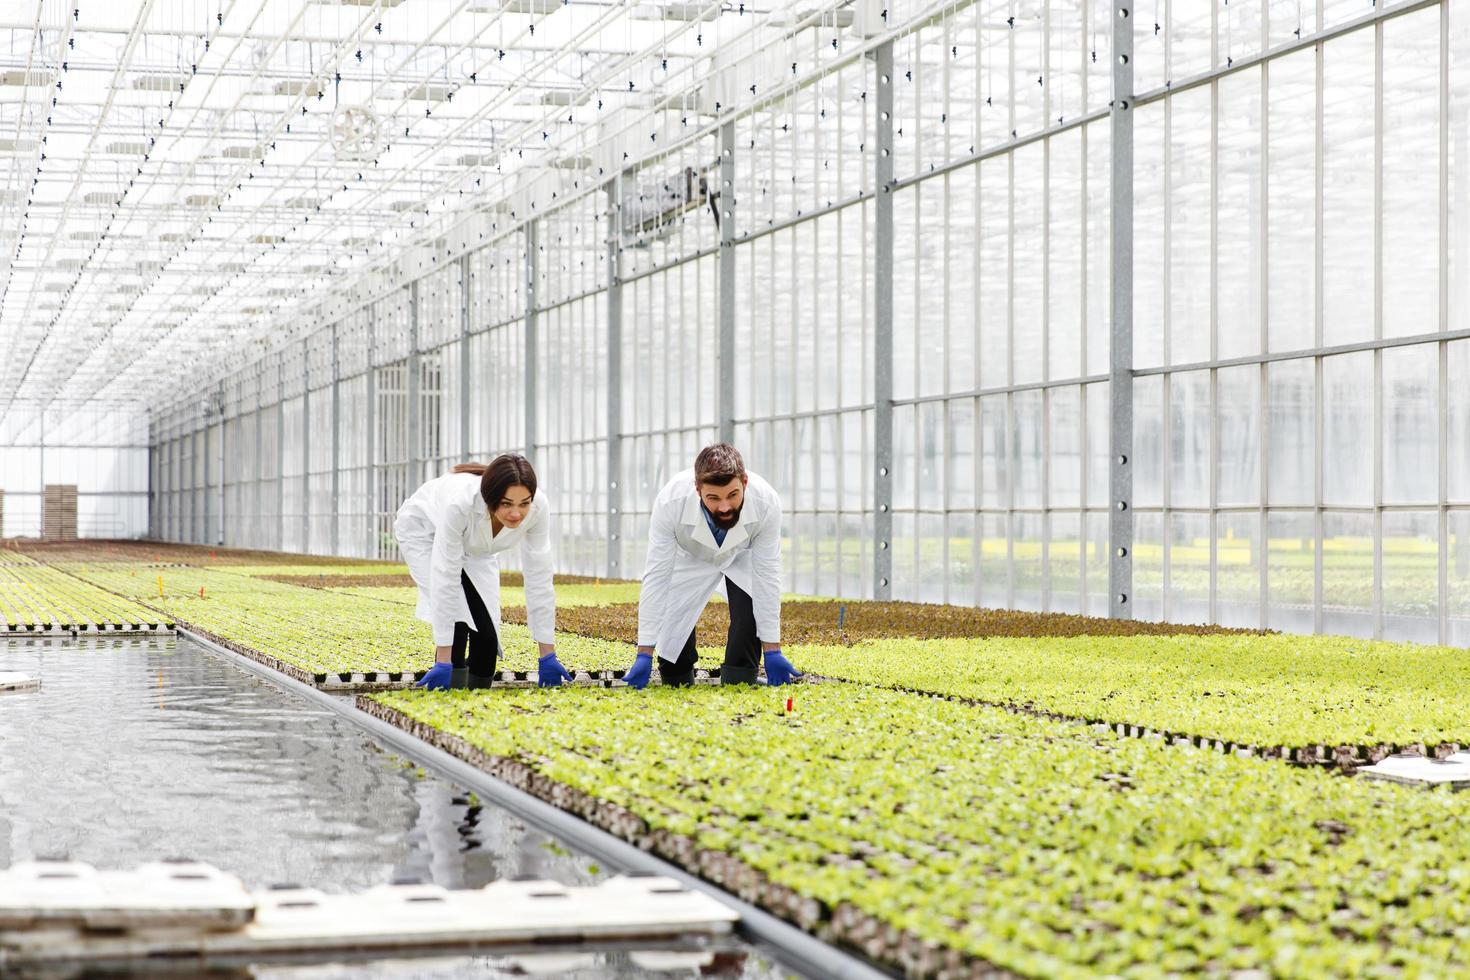 homme et femme en robes de laboratoire travaillent avec des plantes photo